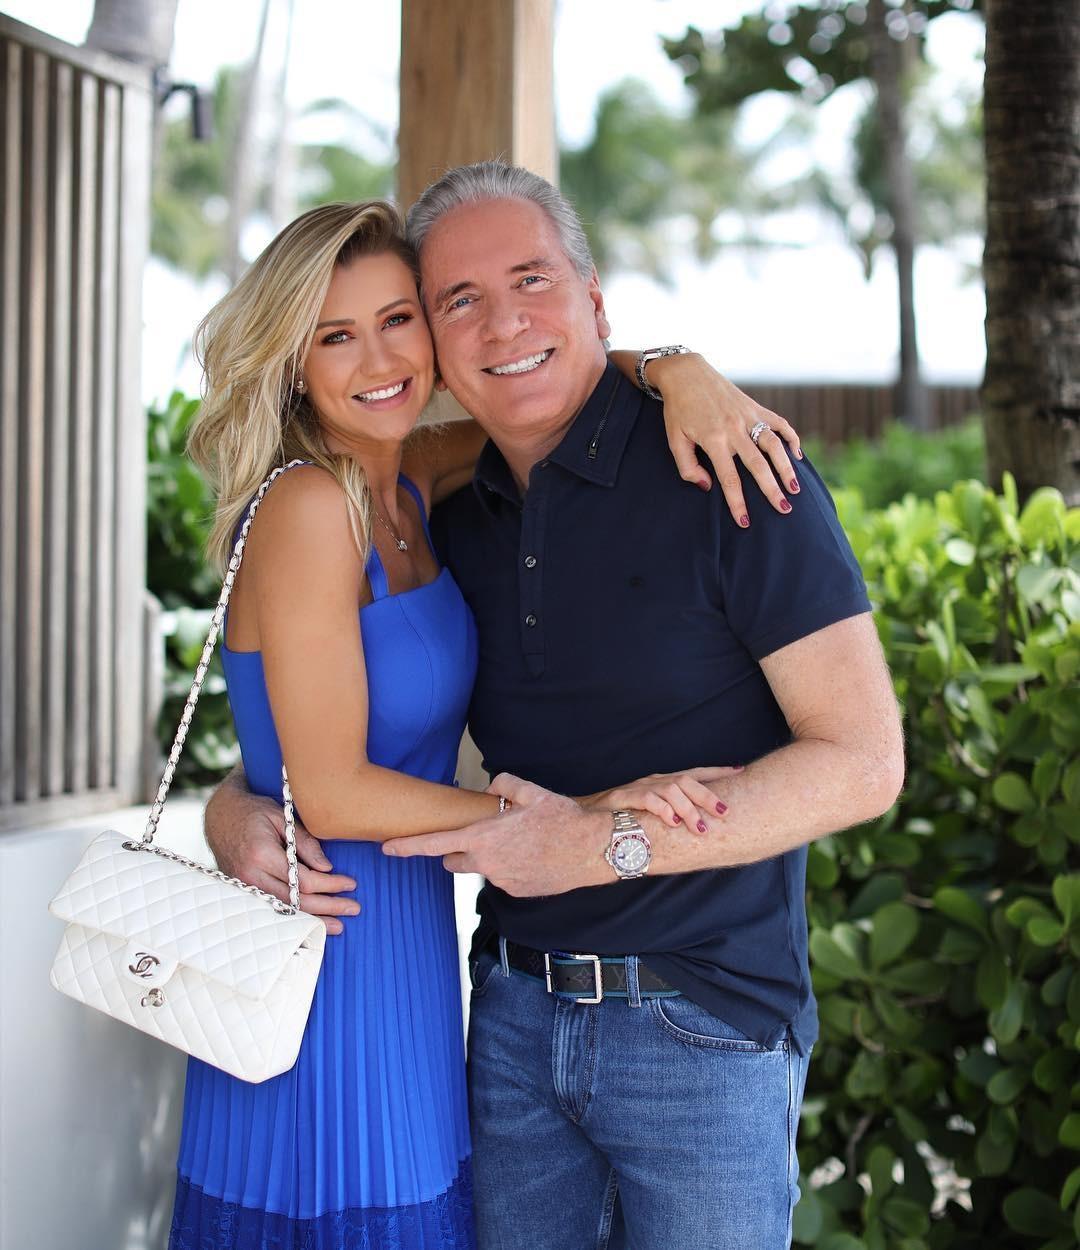 Ana Paula e Justus em Miami (Foto: Reprodução)